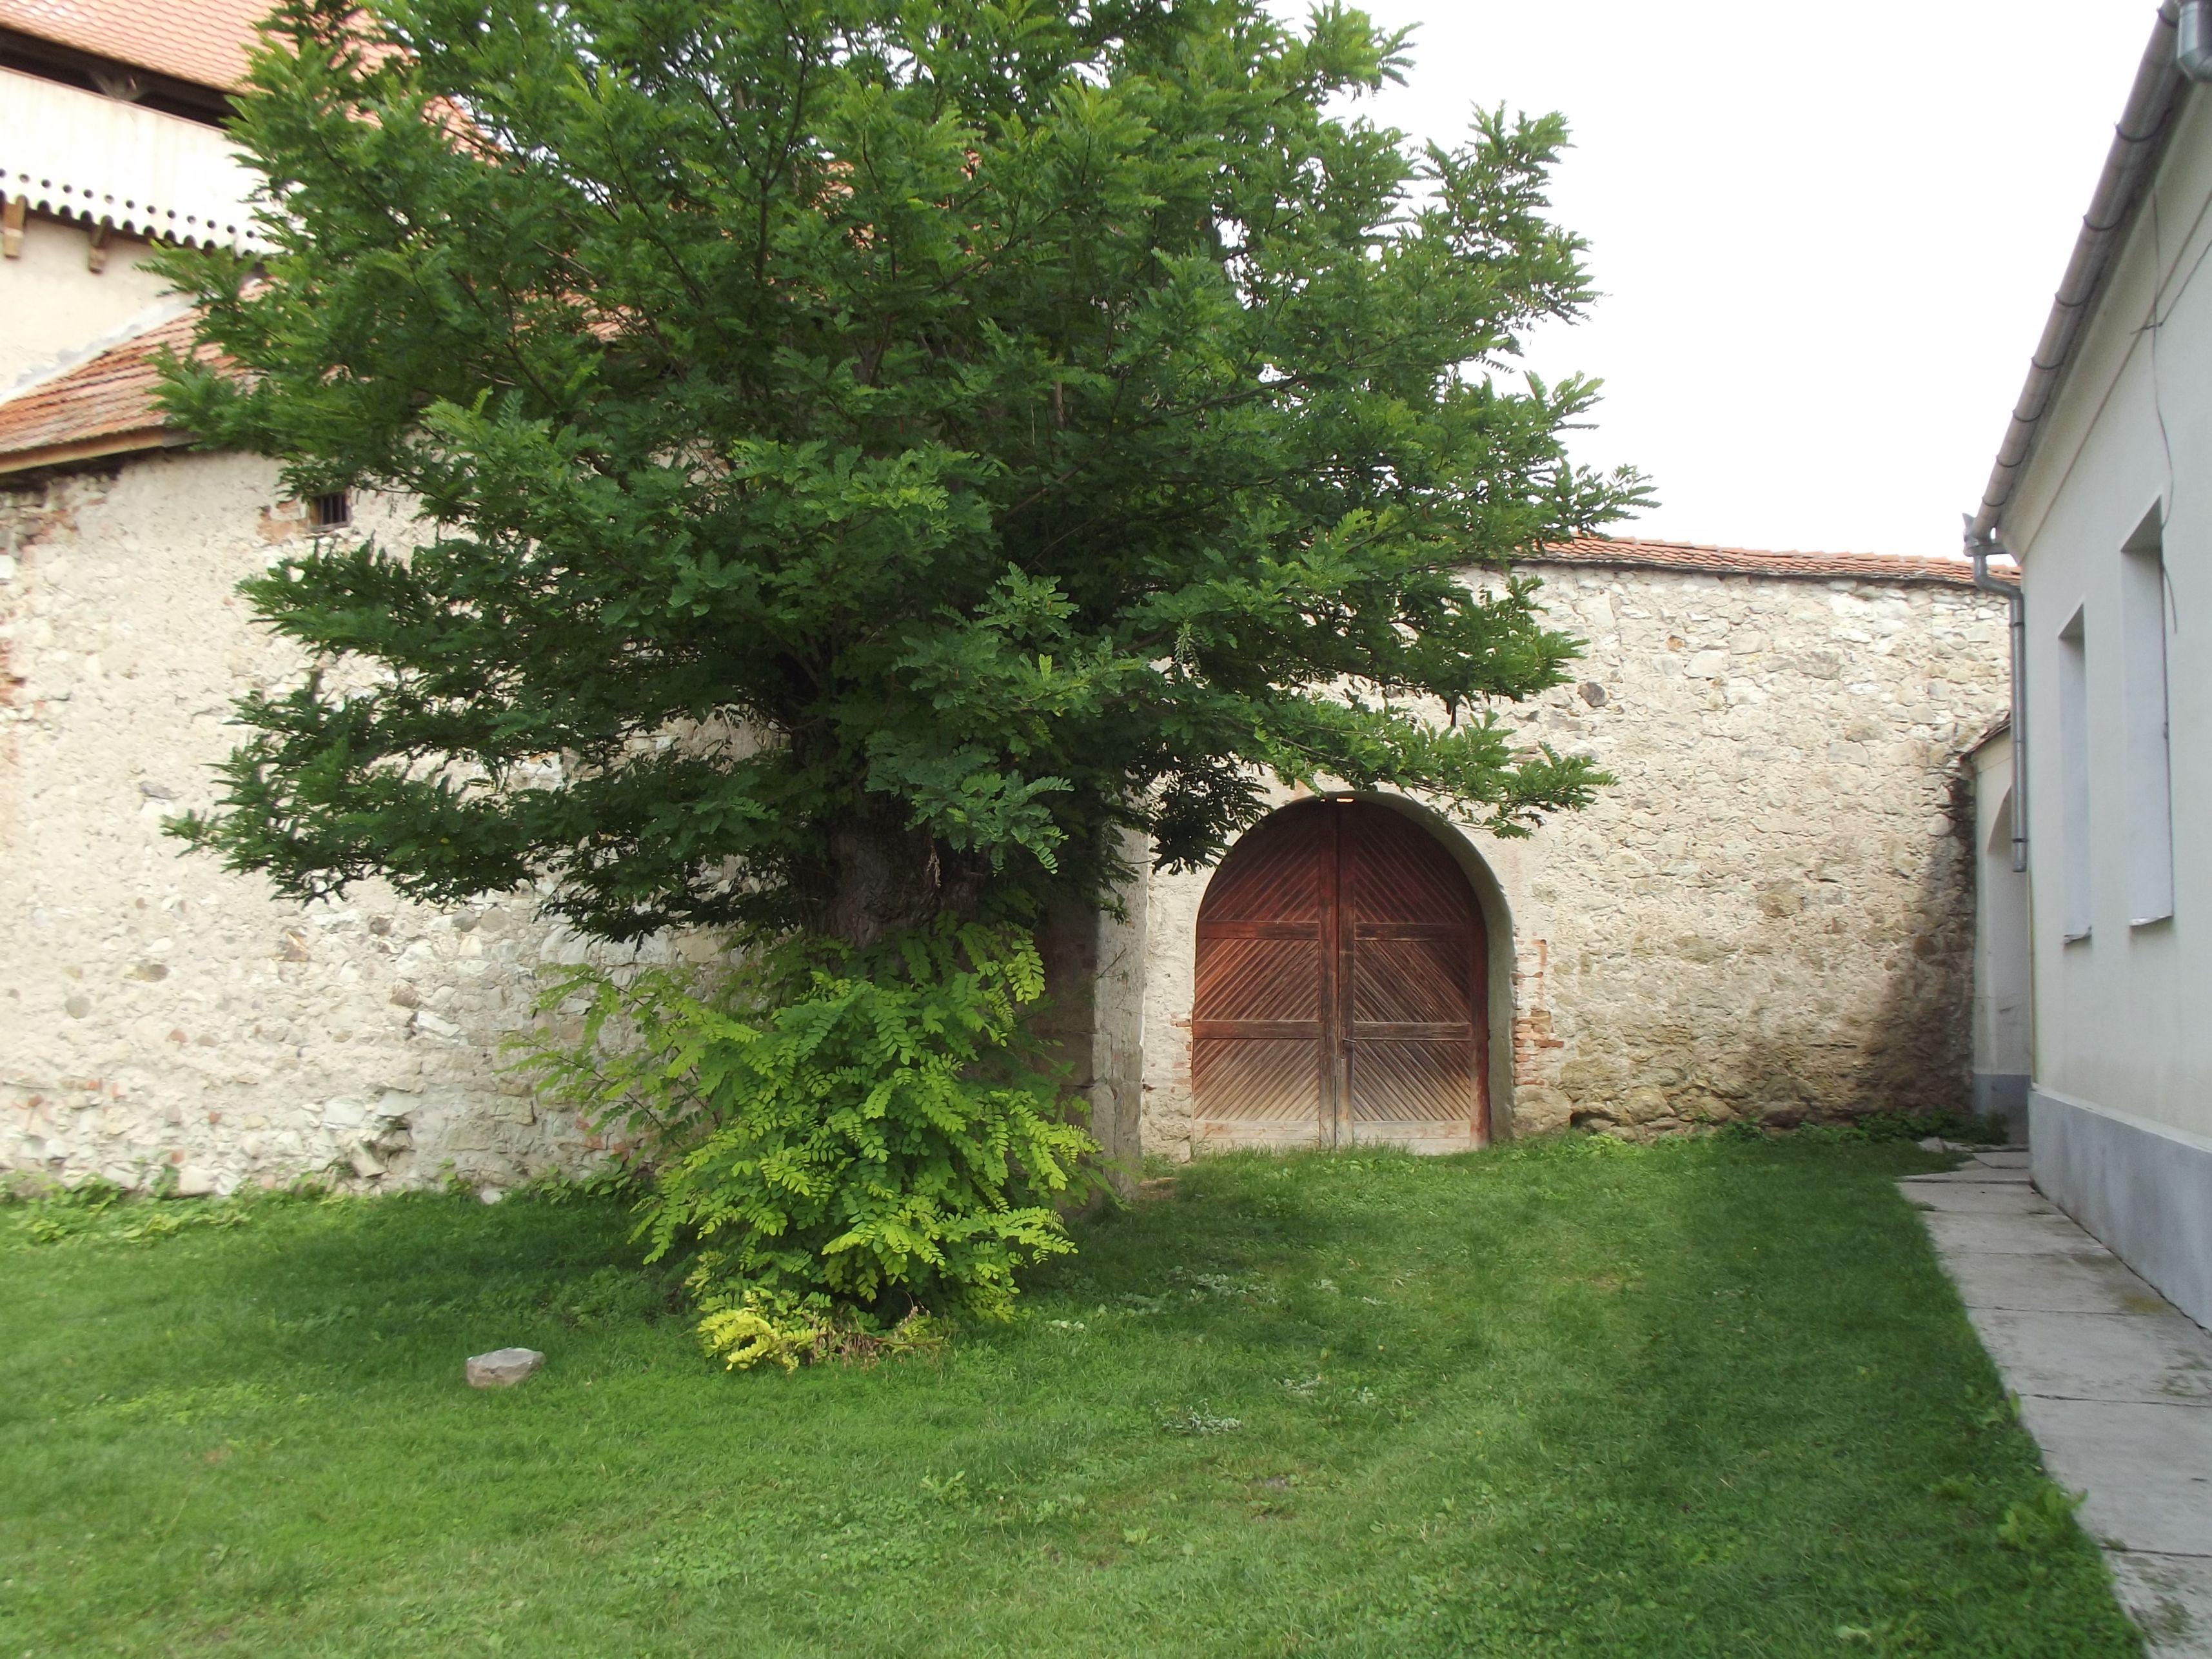 Kaca, templomvár